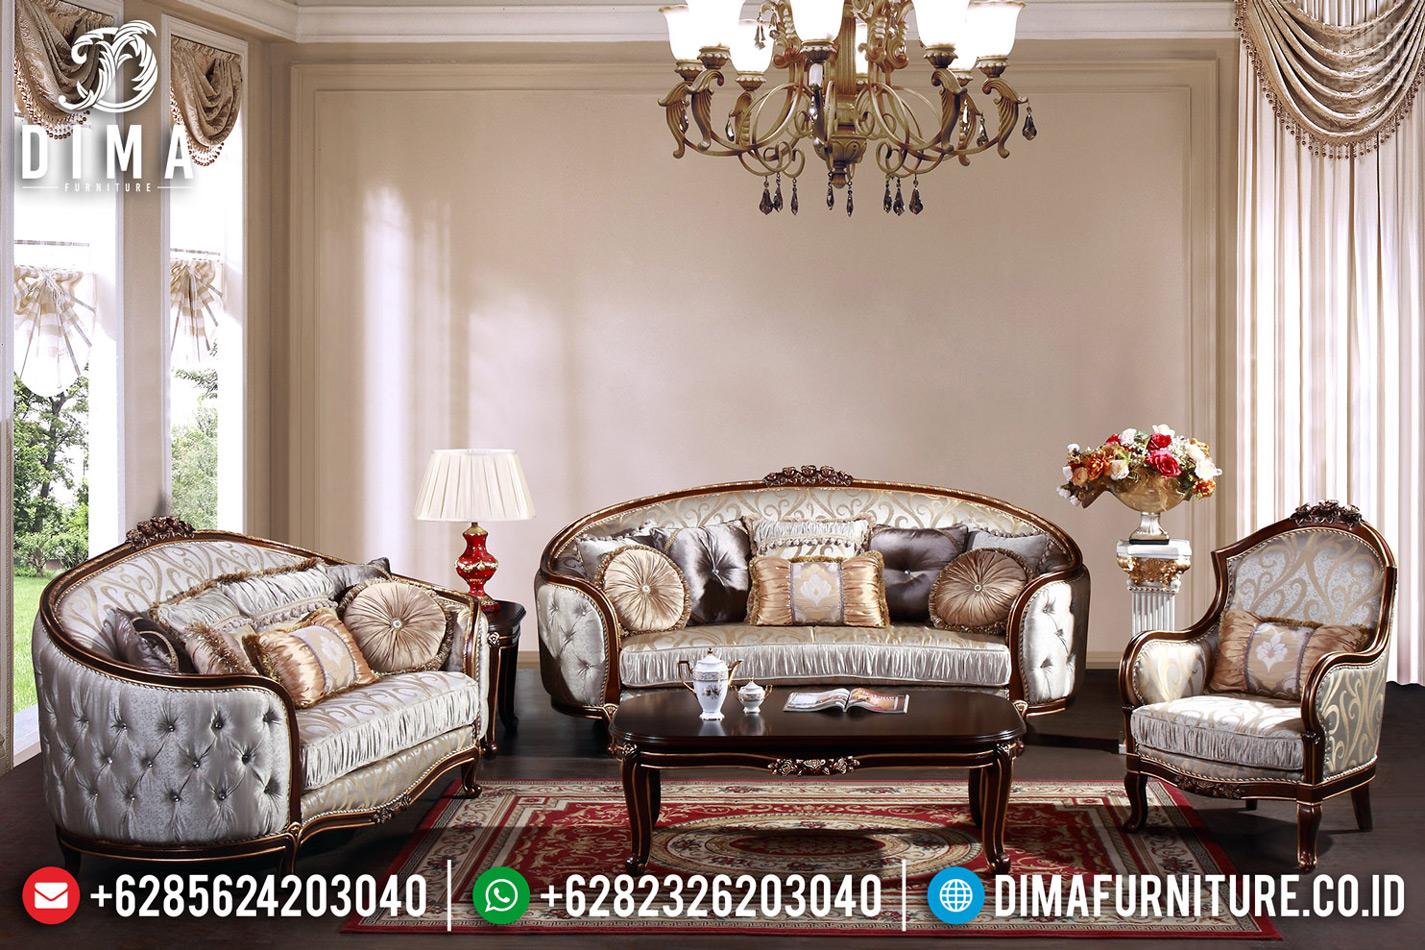 Harga Sofa Tamu Ukiran Mewah Luxury Classic Furniture Jepara Berkualitas TTJ-0704